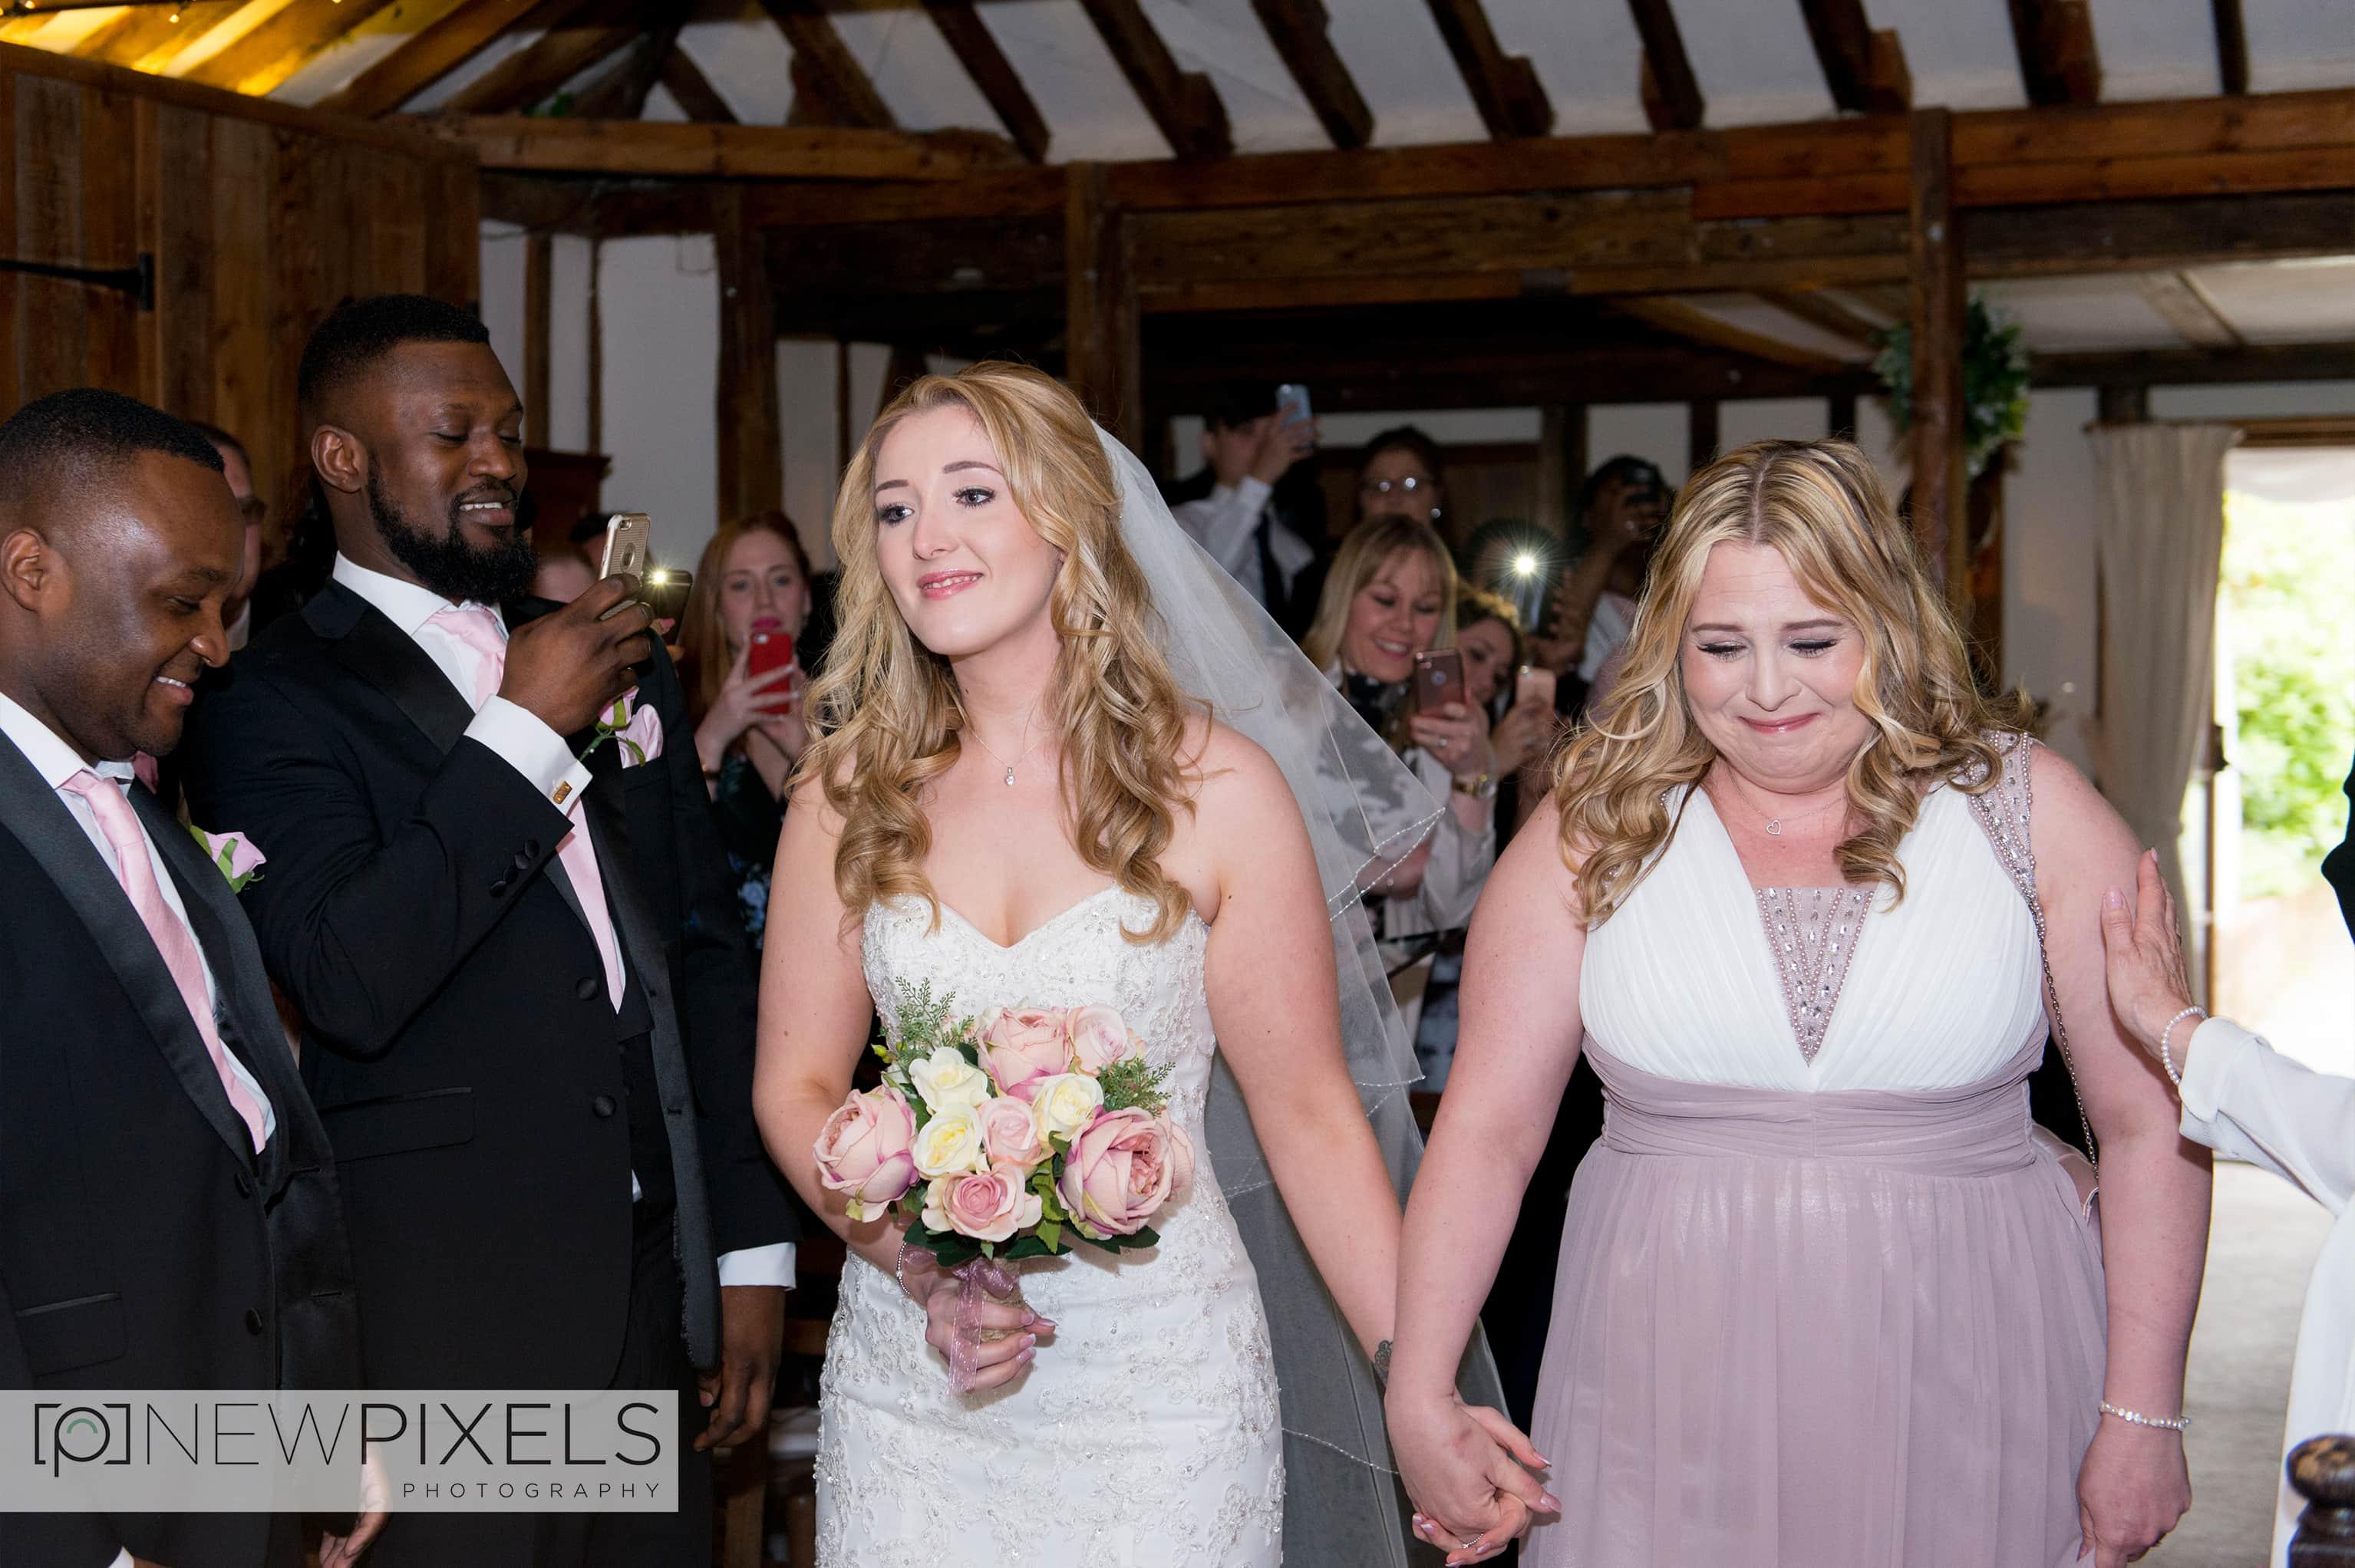 Reid_Rooms_Wedding_Photography_NewPixels27